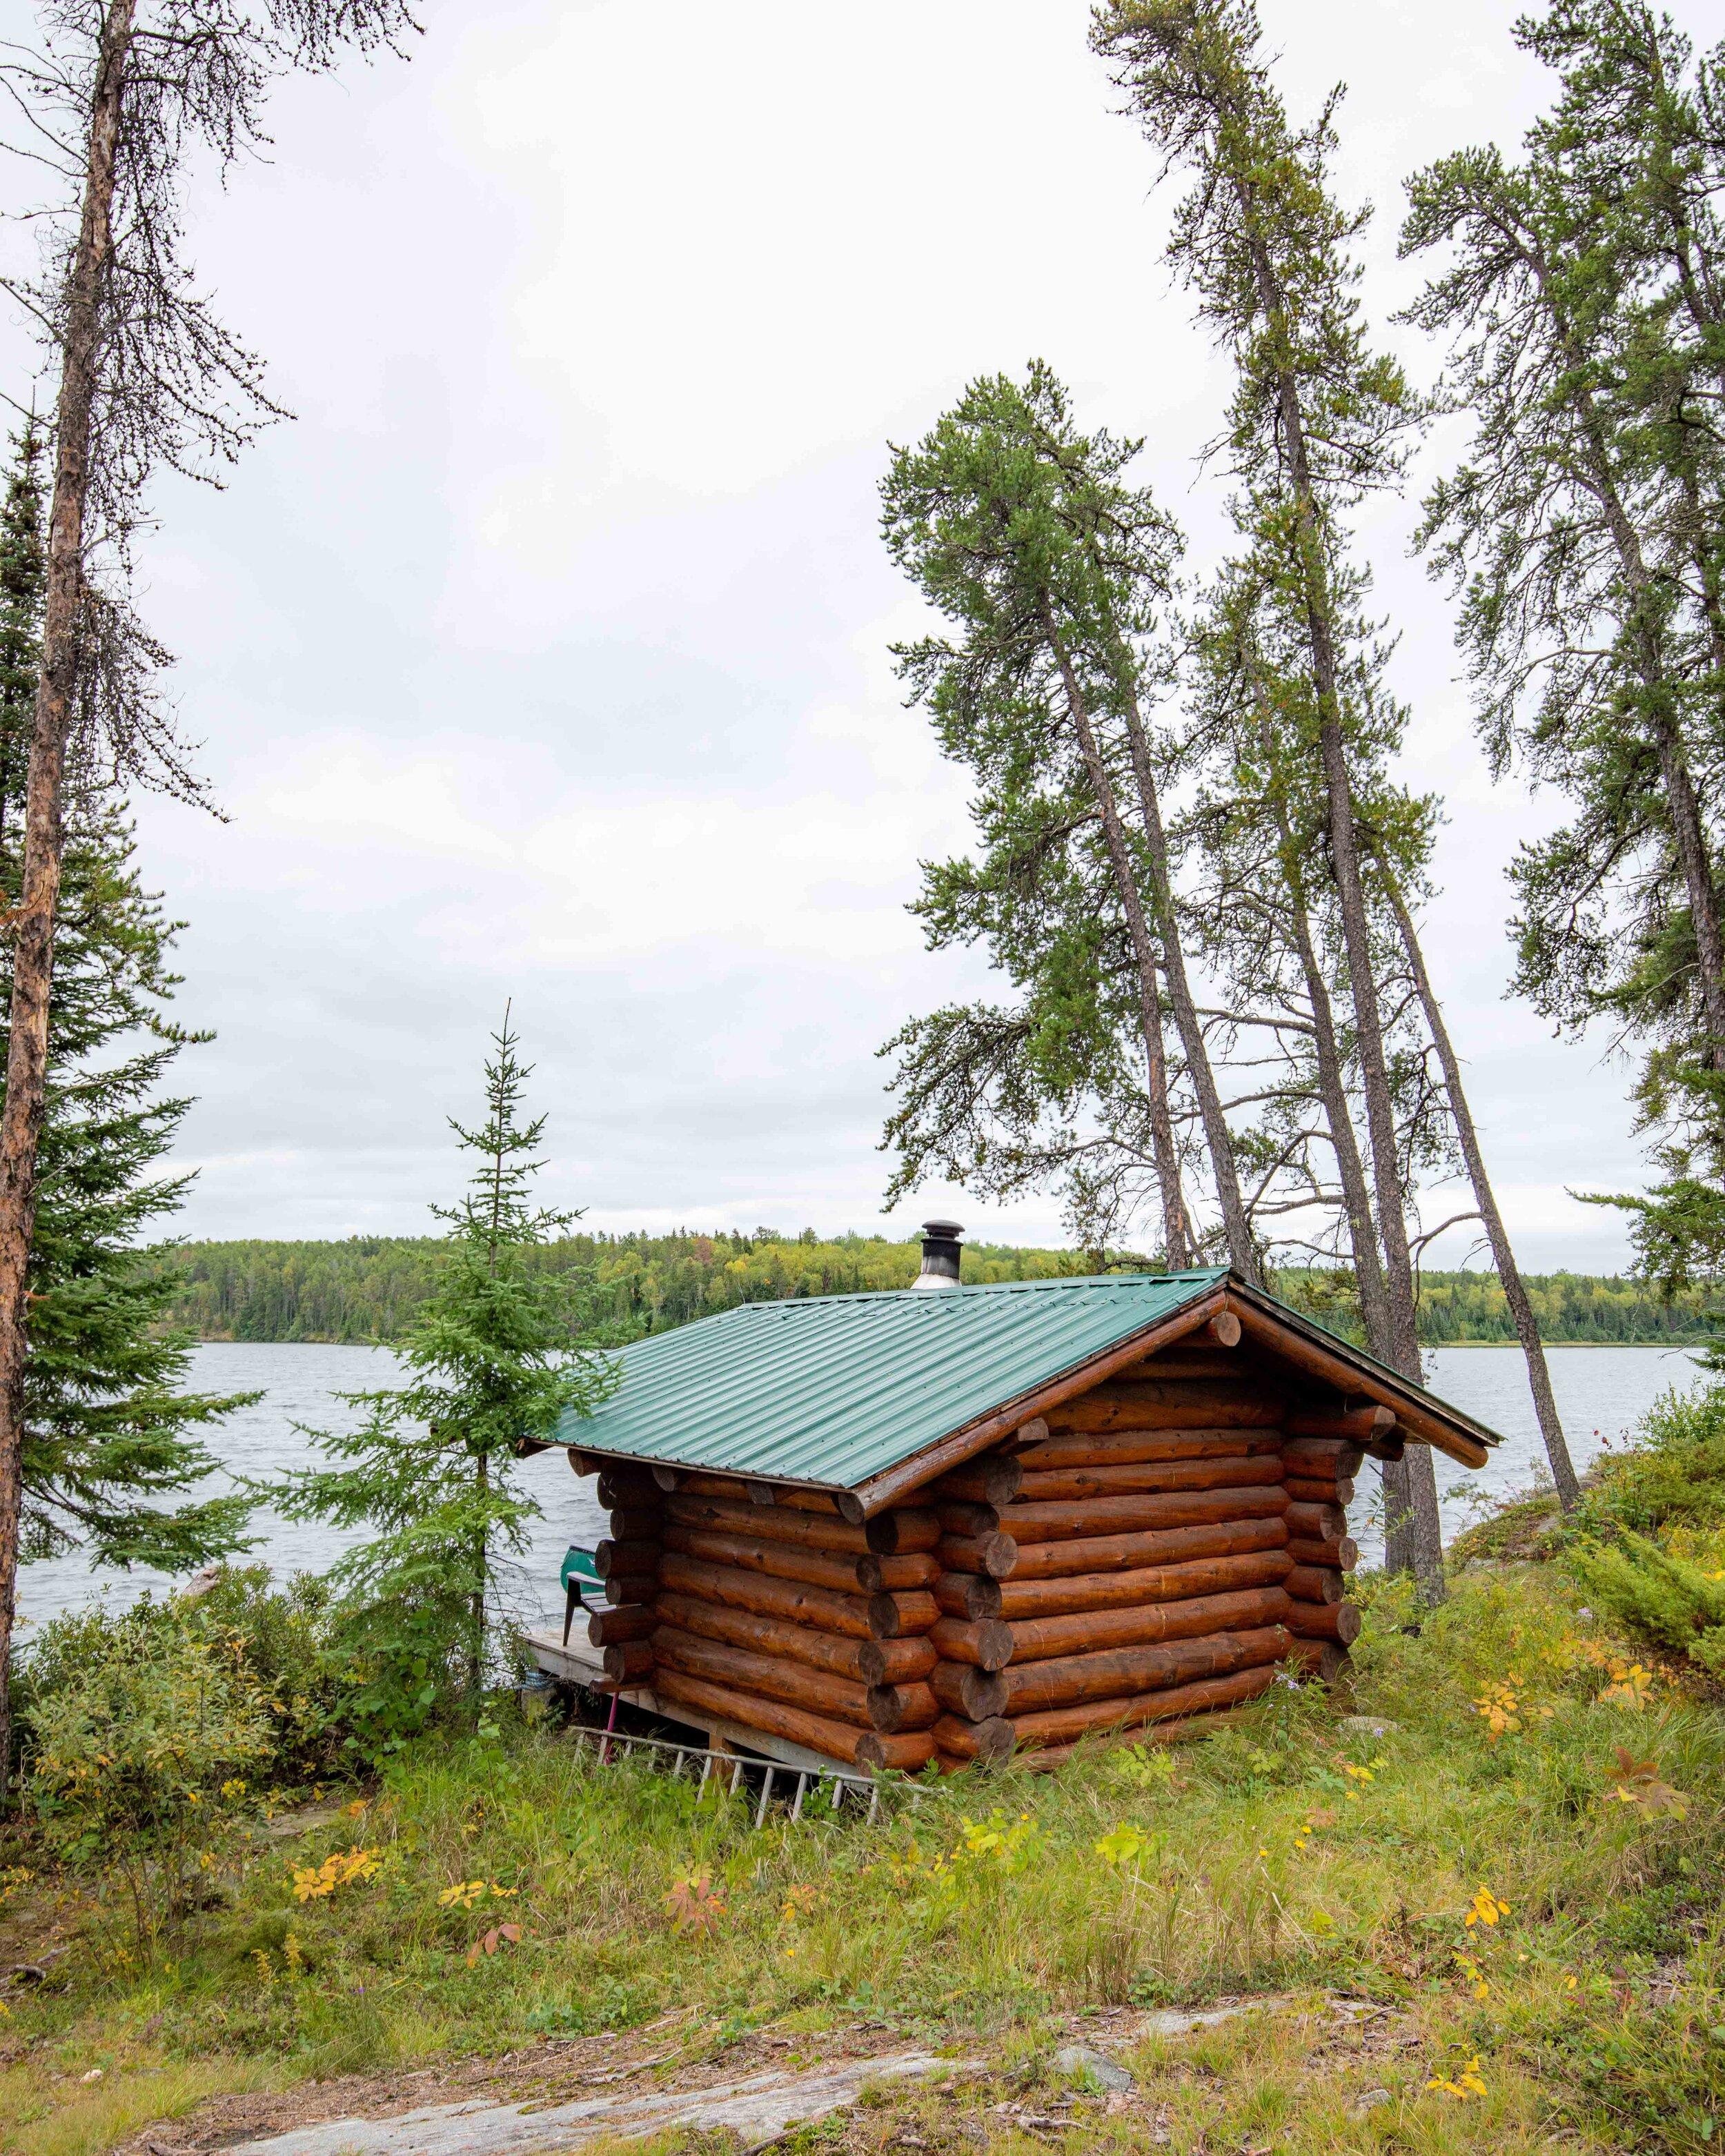 The sauna at Falcon Lake